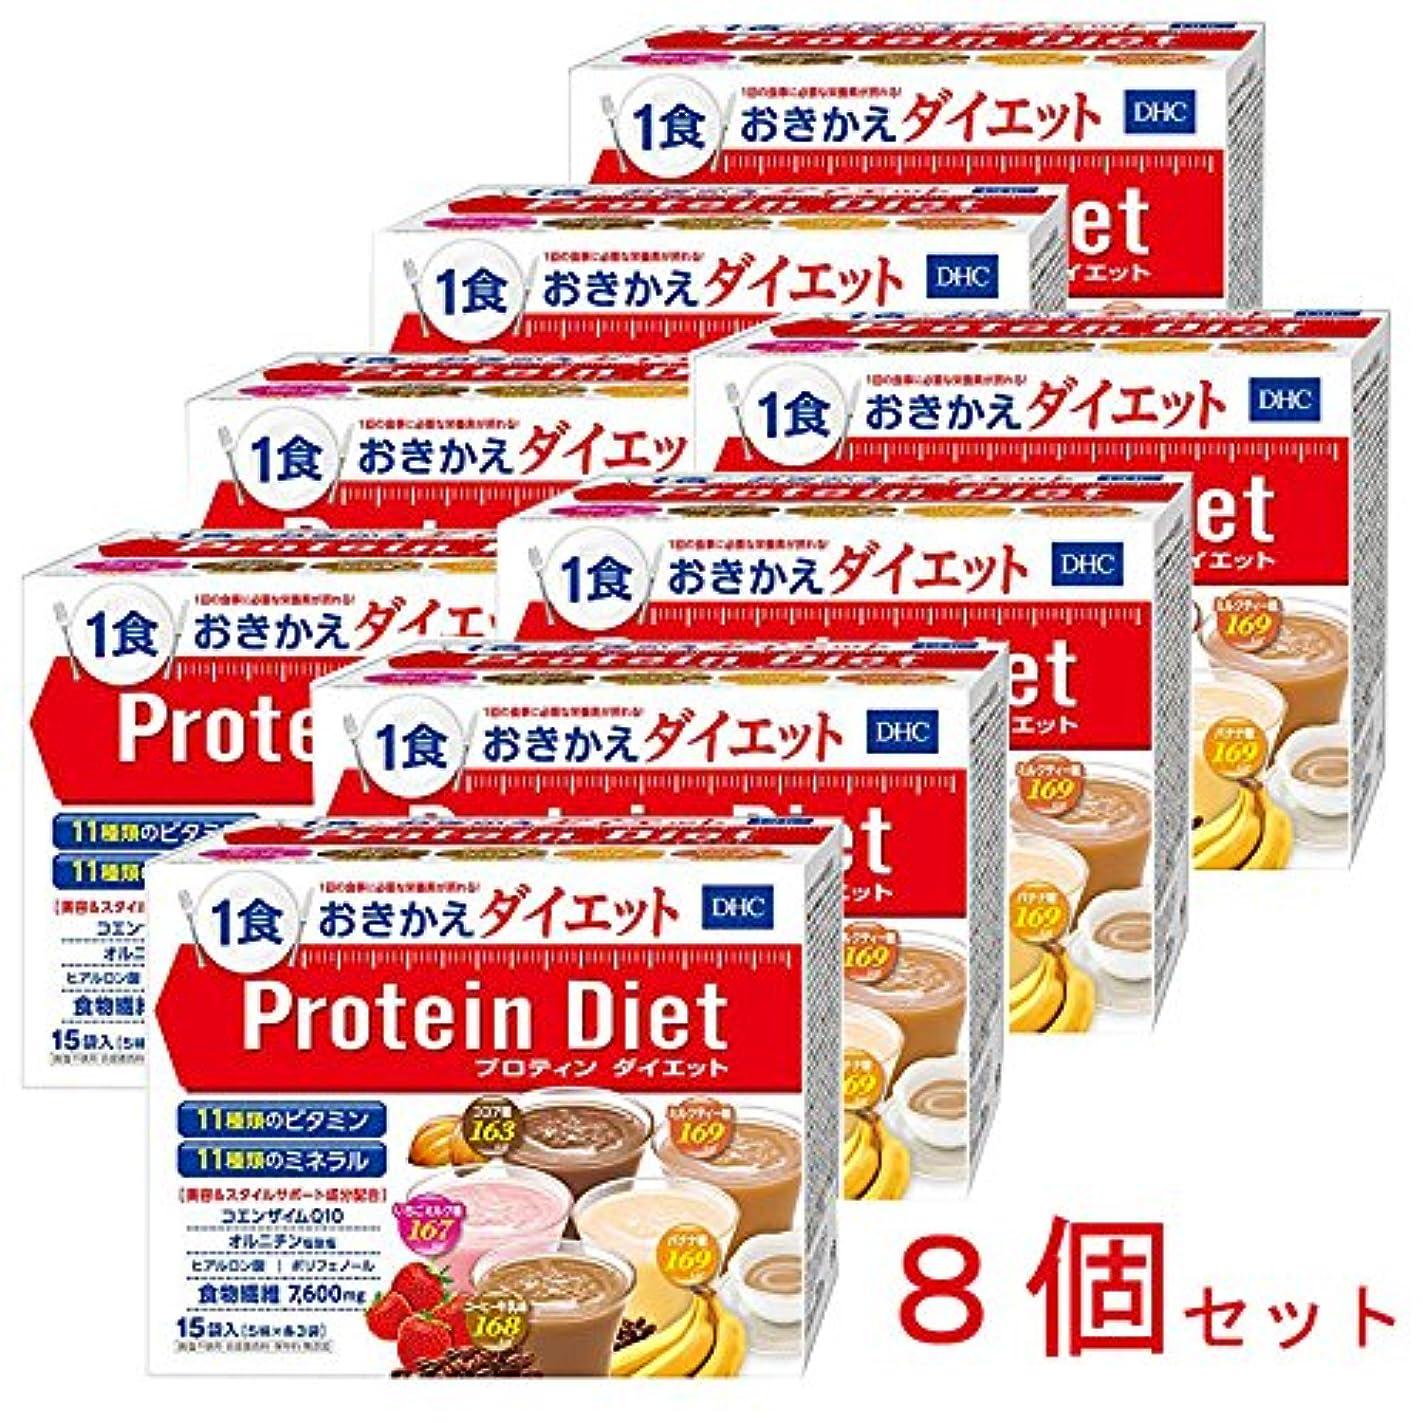 スライス区画控えめなDHC プロティンダイエット 1箱15袋入 8箱セット 1食169kcal以下&栄養バッチリ! リニューアル